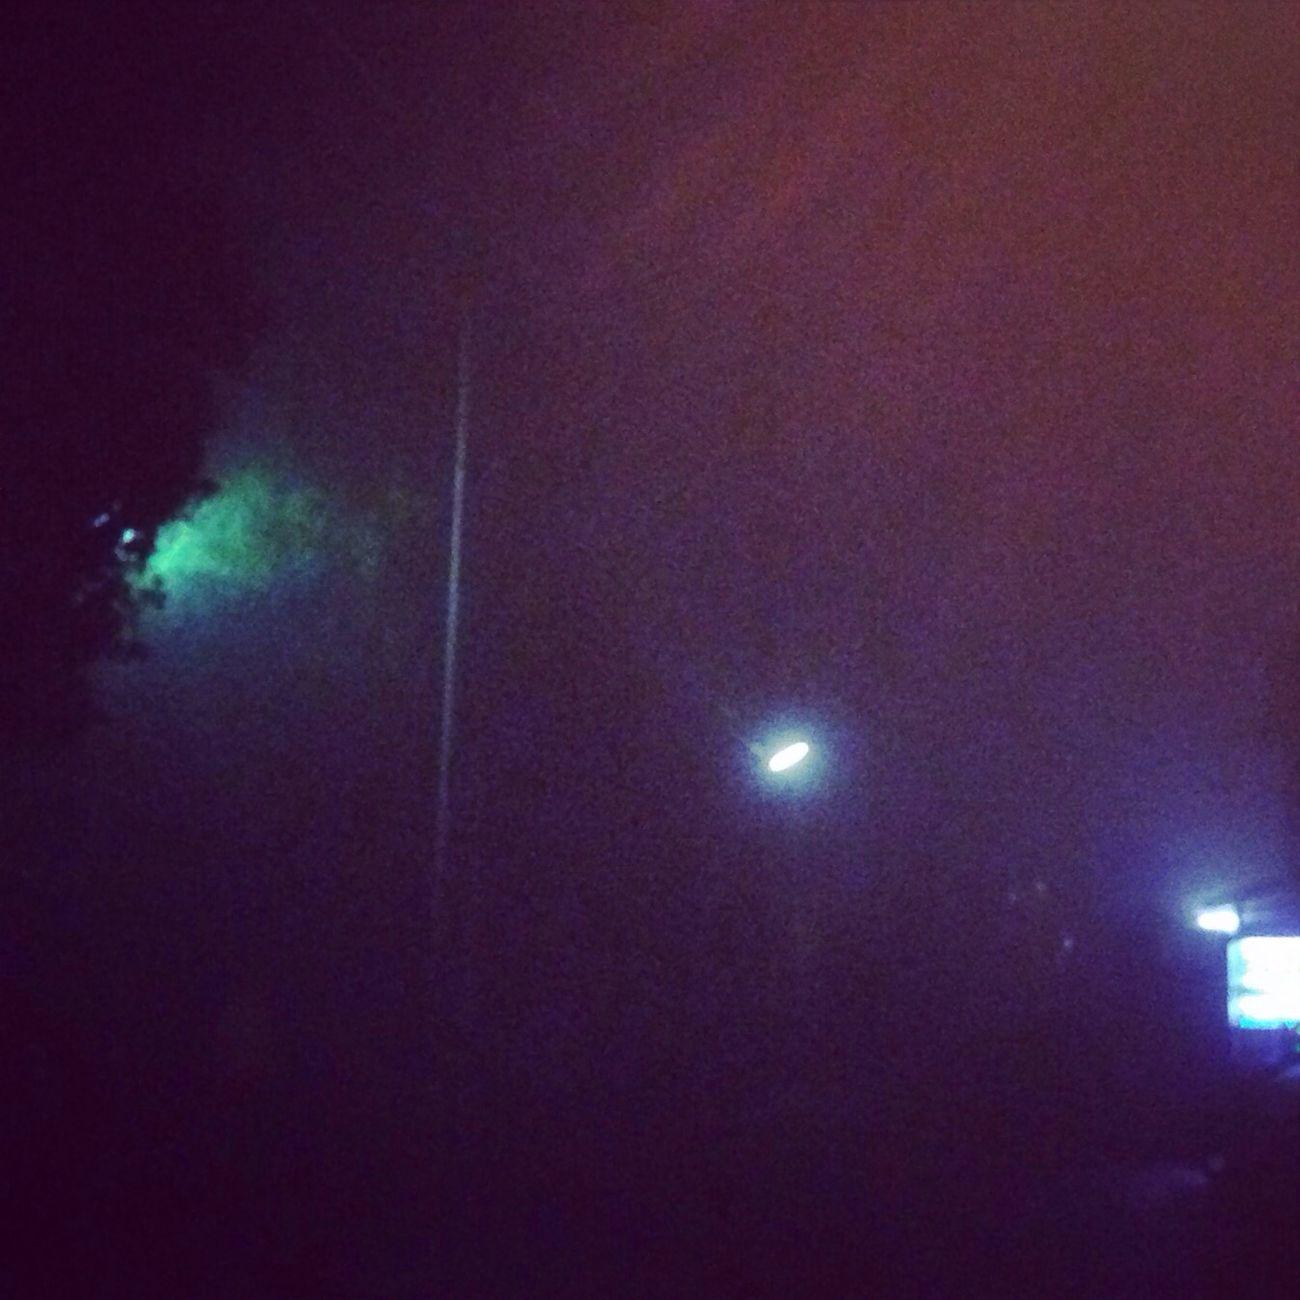 霧の街で、吐く息も白い。 EyeEm Nature Lover Street Photography Nightphotography Foggy Steret Have No Name Midnight City Tokyo,Japan